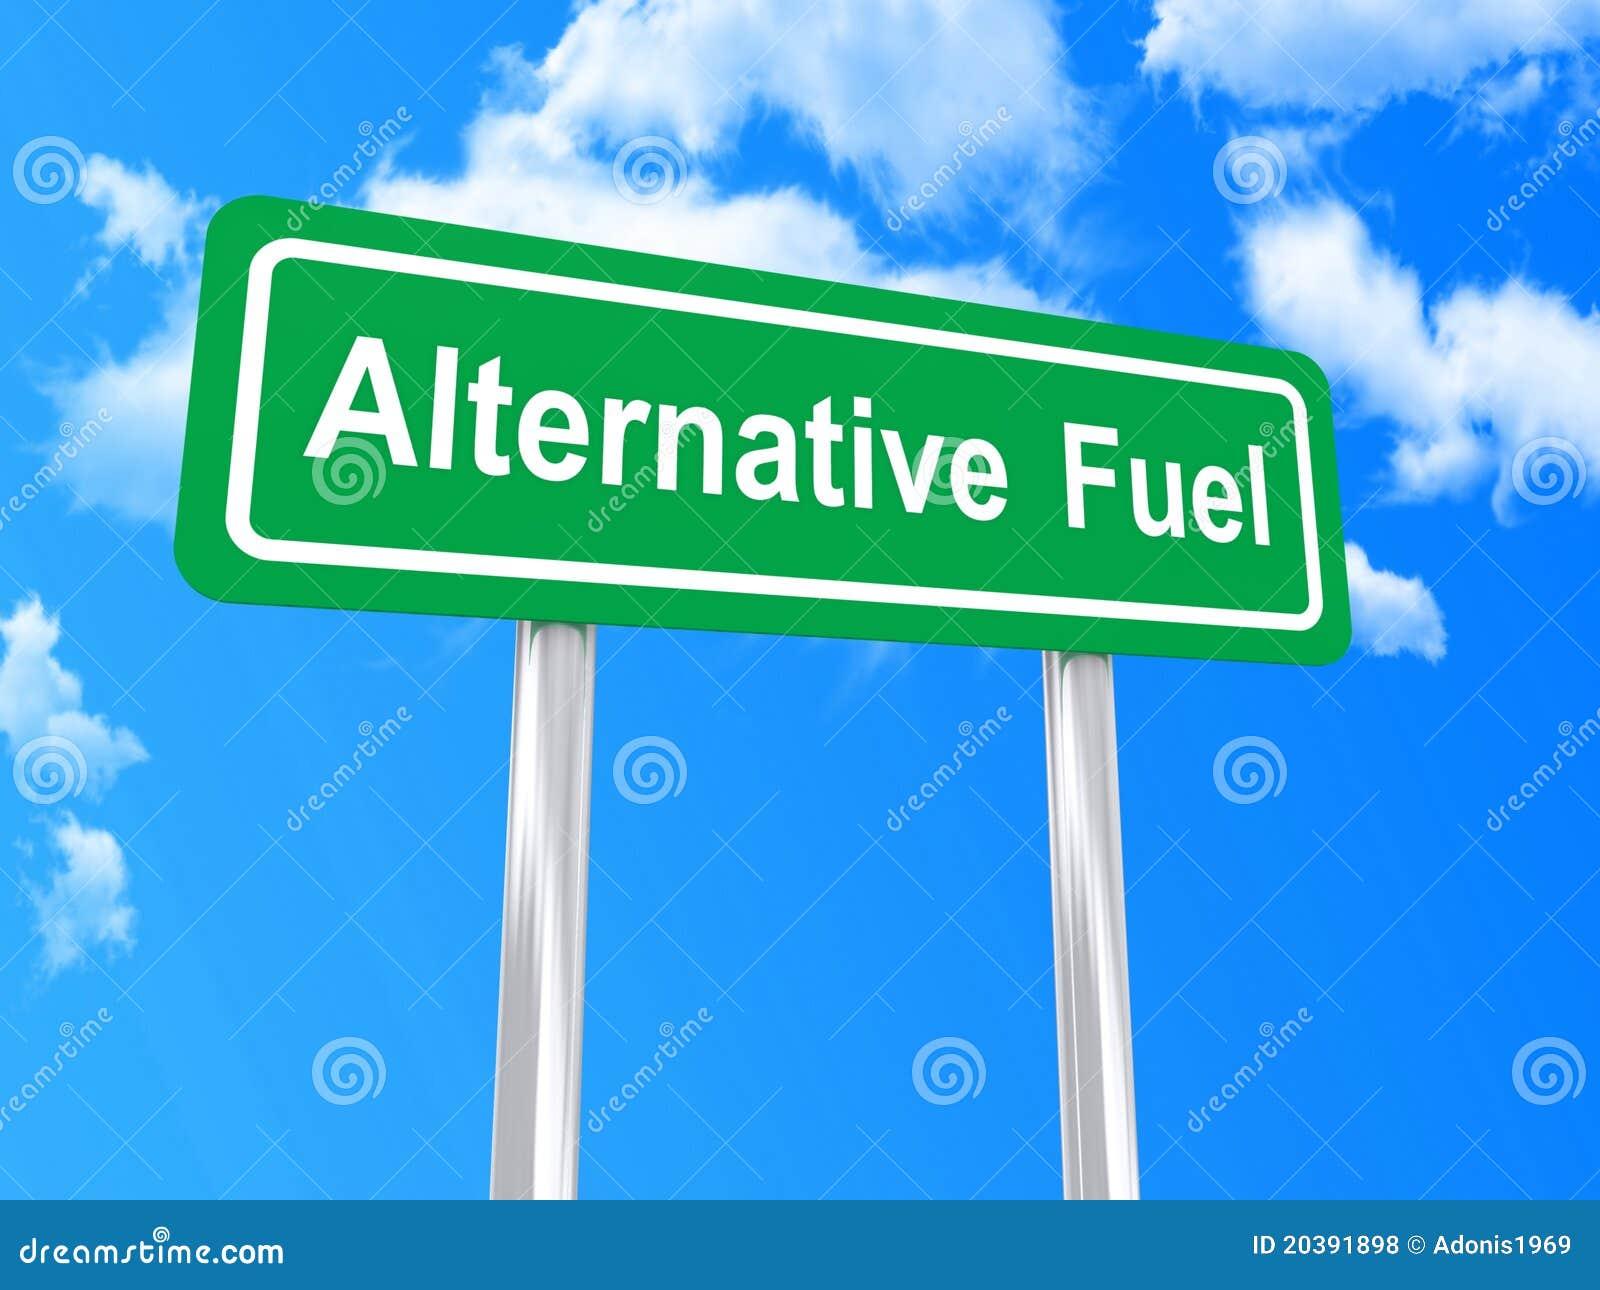 Alternatives to Petroleum